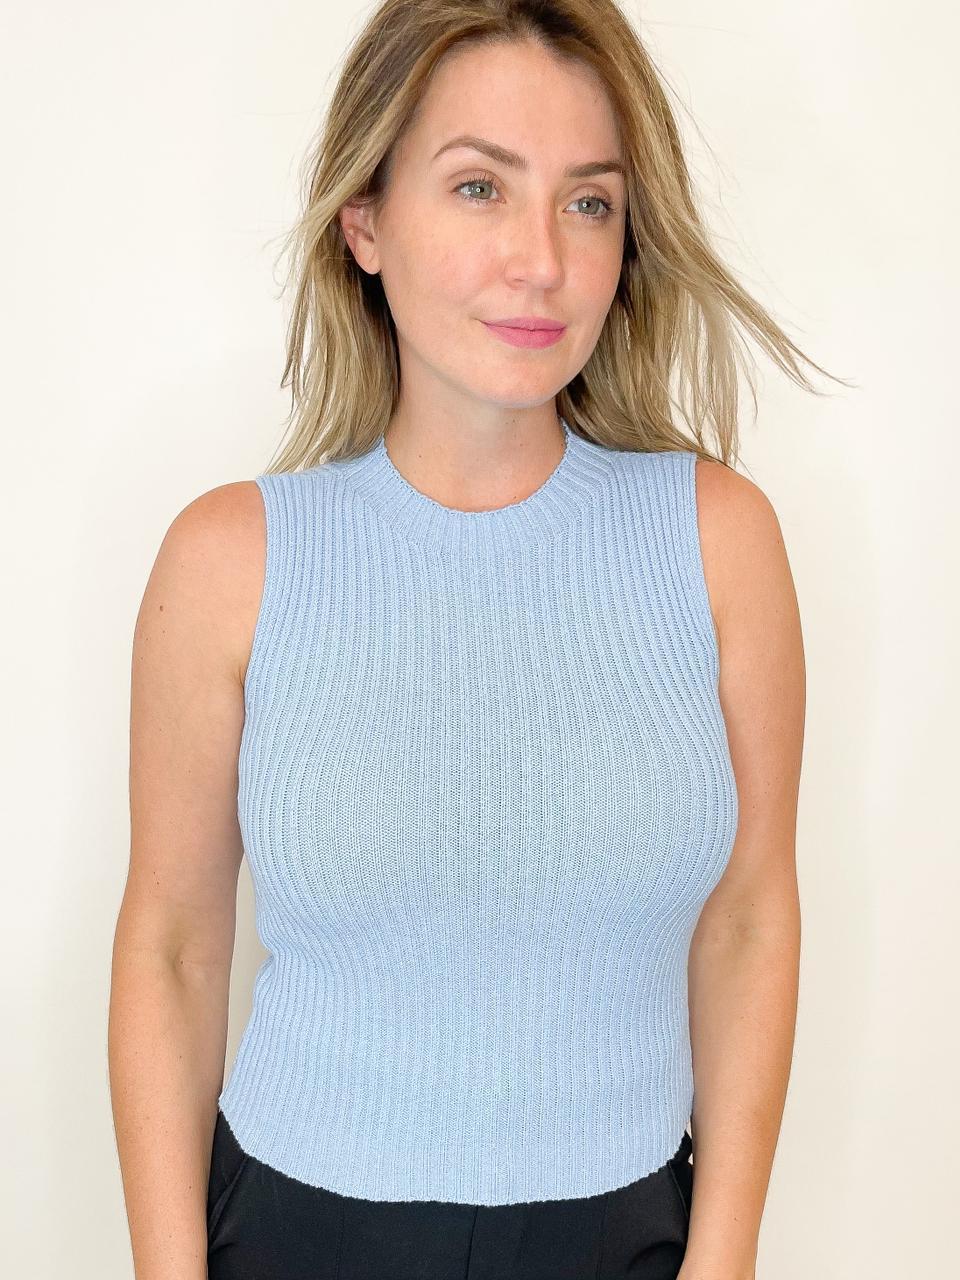 Blusa de Tricot gola redonda Azul Claro